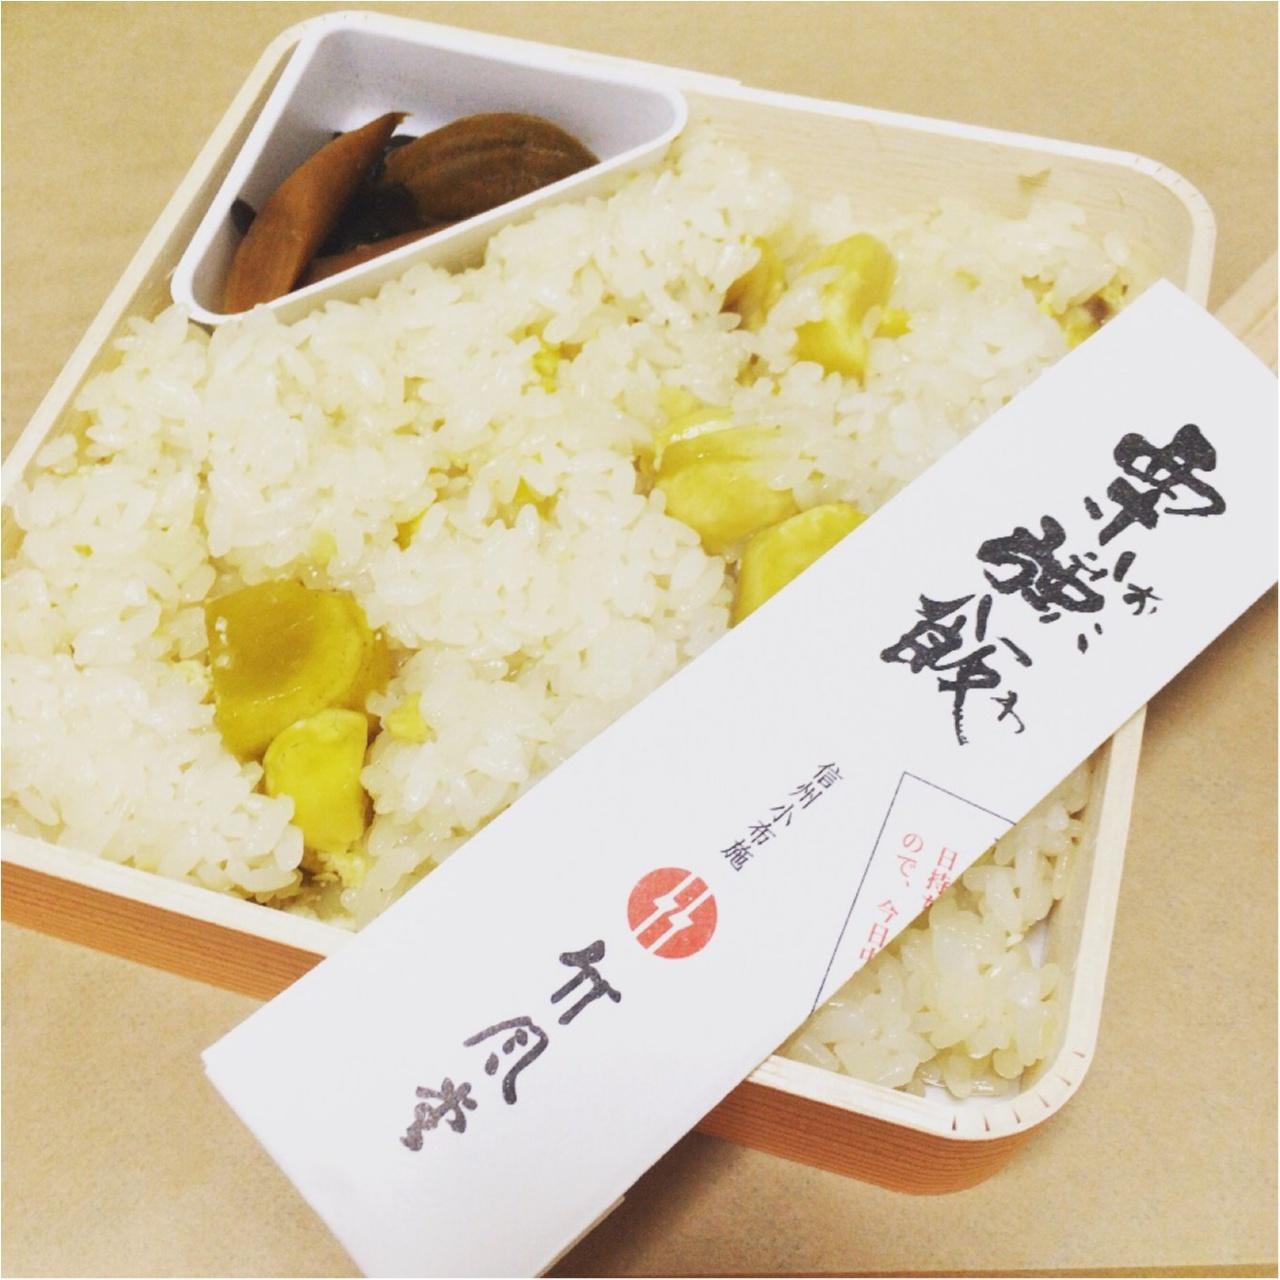 長野へ行ったらぜひ食べて欲しい!秋の味覚を堪能できるソフトクリーム♡_3